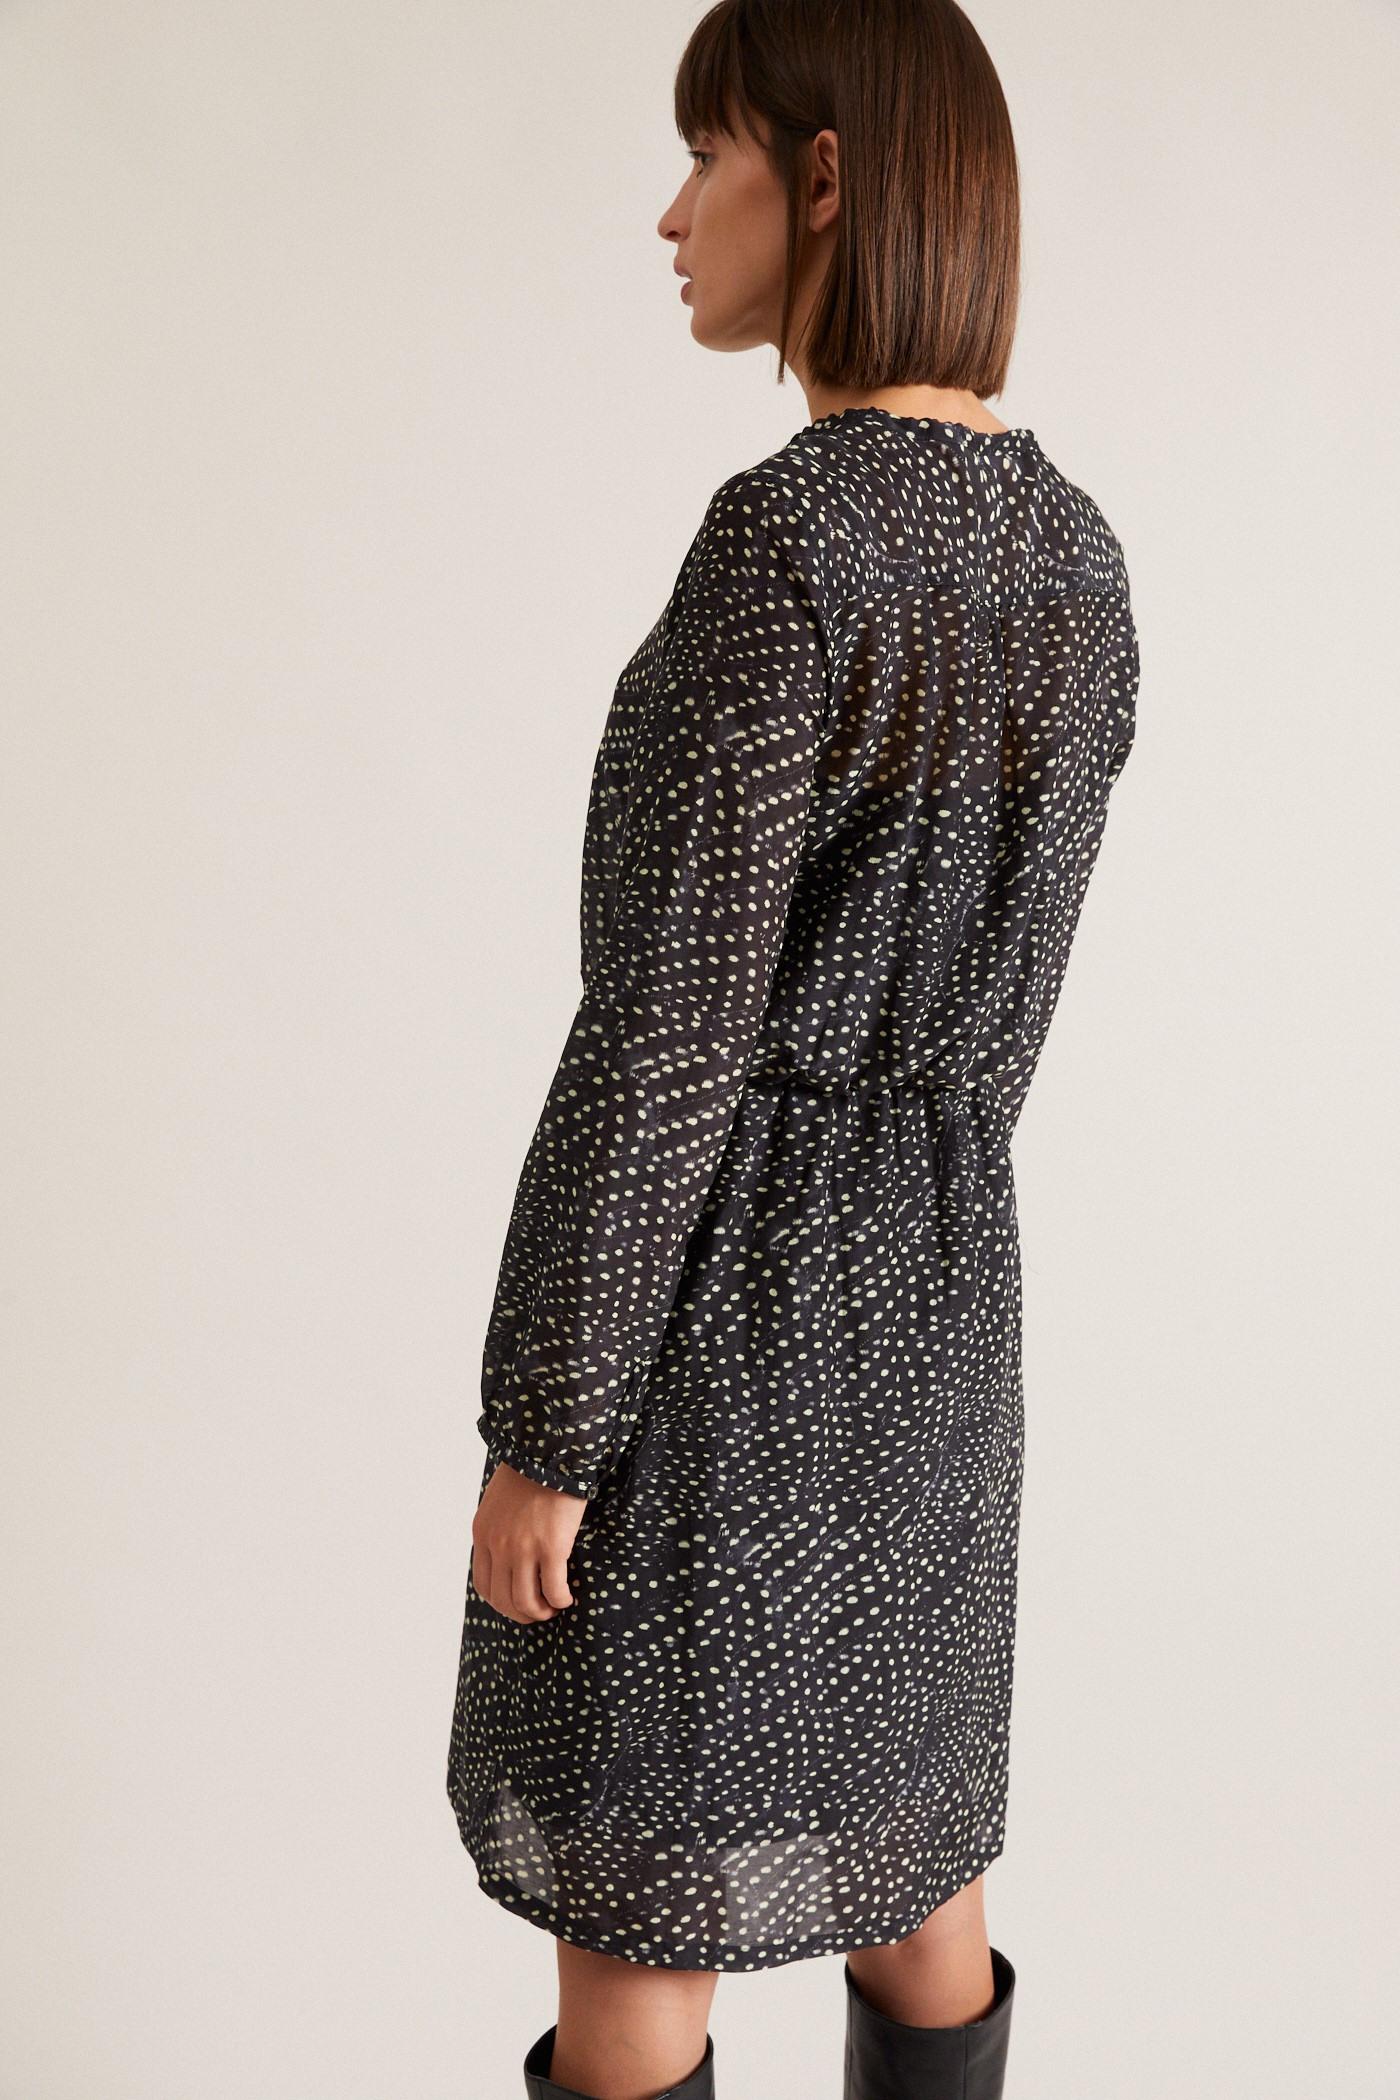 Kleid Aus Seide Und Biobaumwolle Von Lanius  Jill Green Gmbh